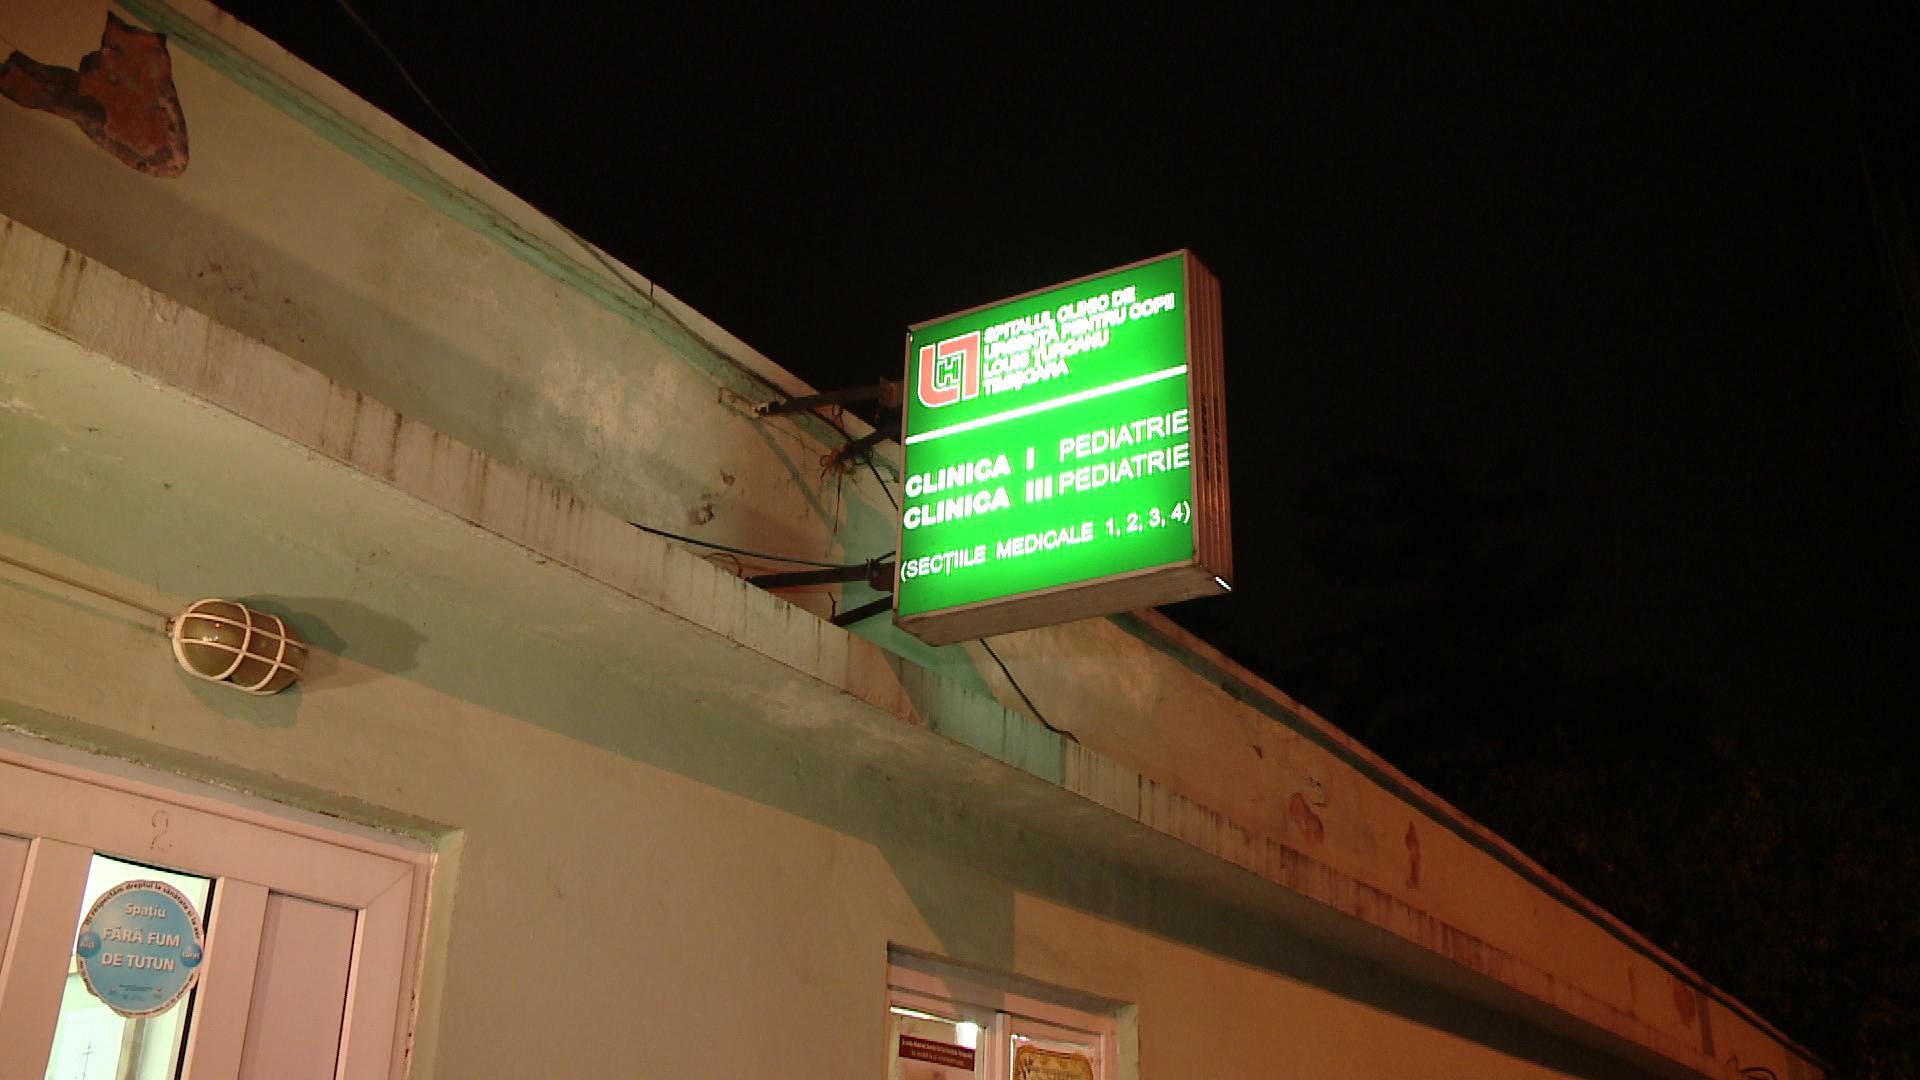 Aterizare de urgenta pe aeroportul din Timisoara. Un copil de un an a avut nevoie de ajutor medical